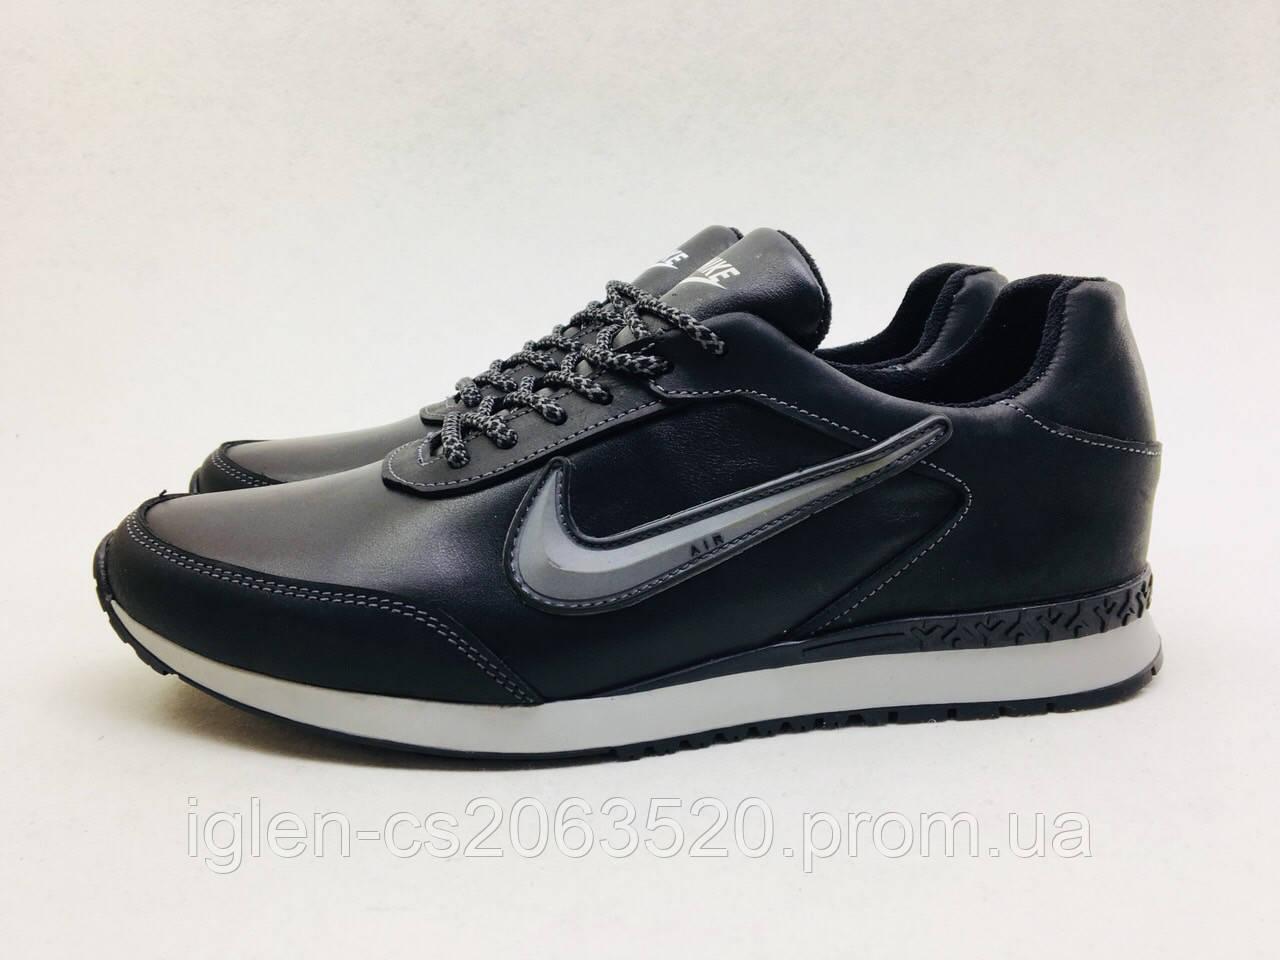 3b042b9c Мужские спортивные кроссовки Nike черные